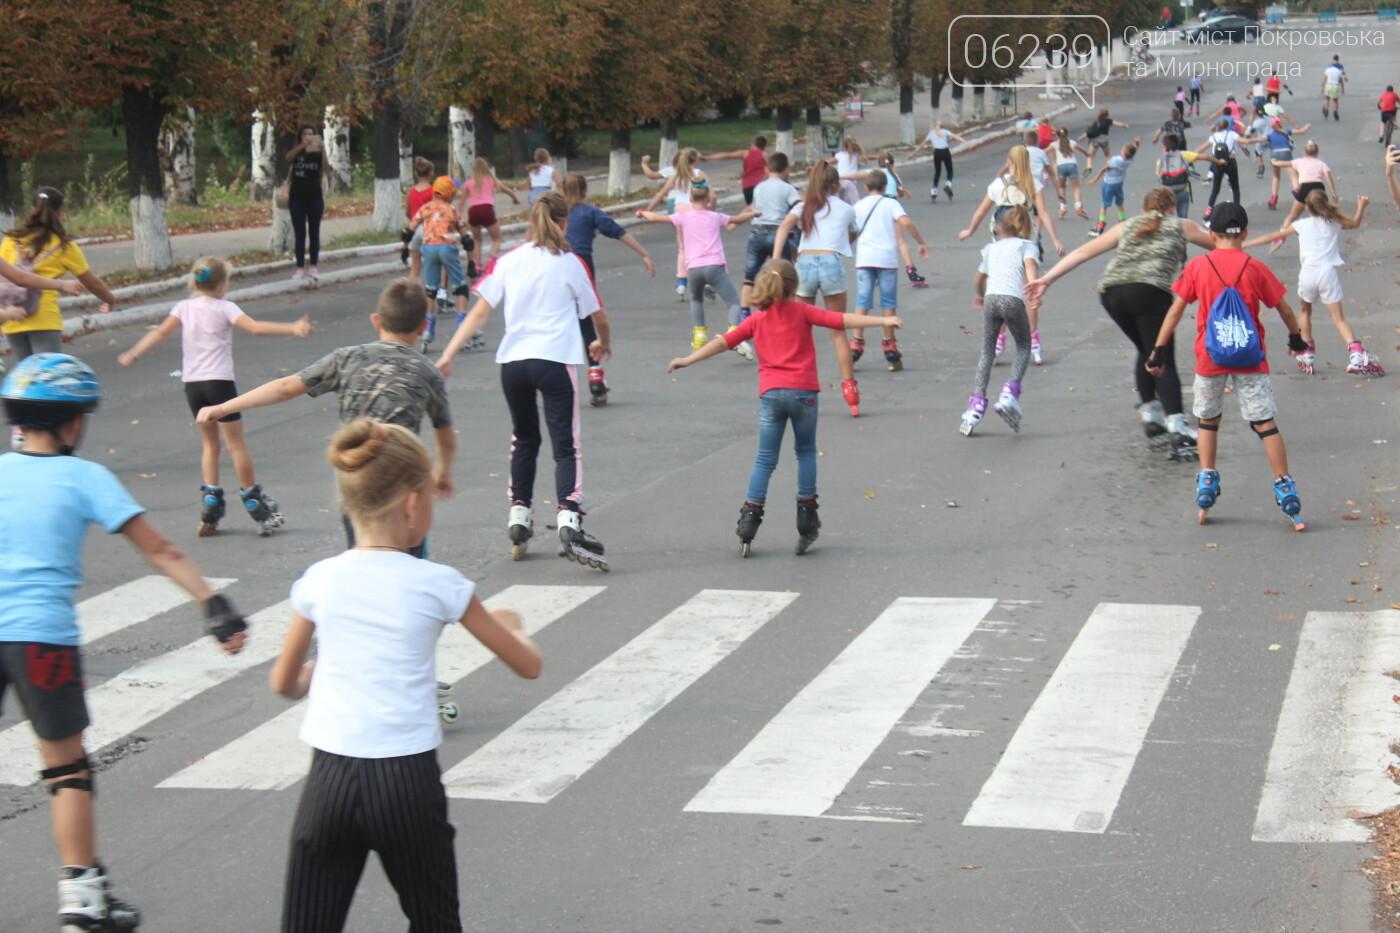 «Ролерфест» и соревнования: в Мирнограде отметили День физкультуры и спорта , фото-14